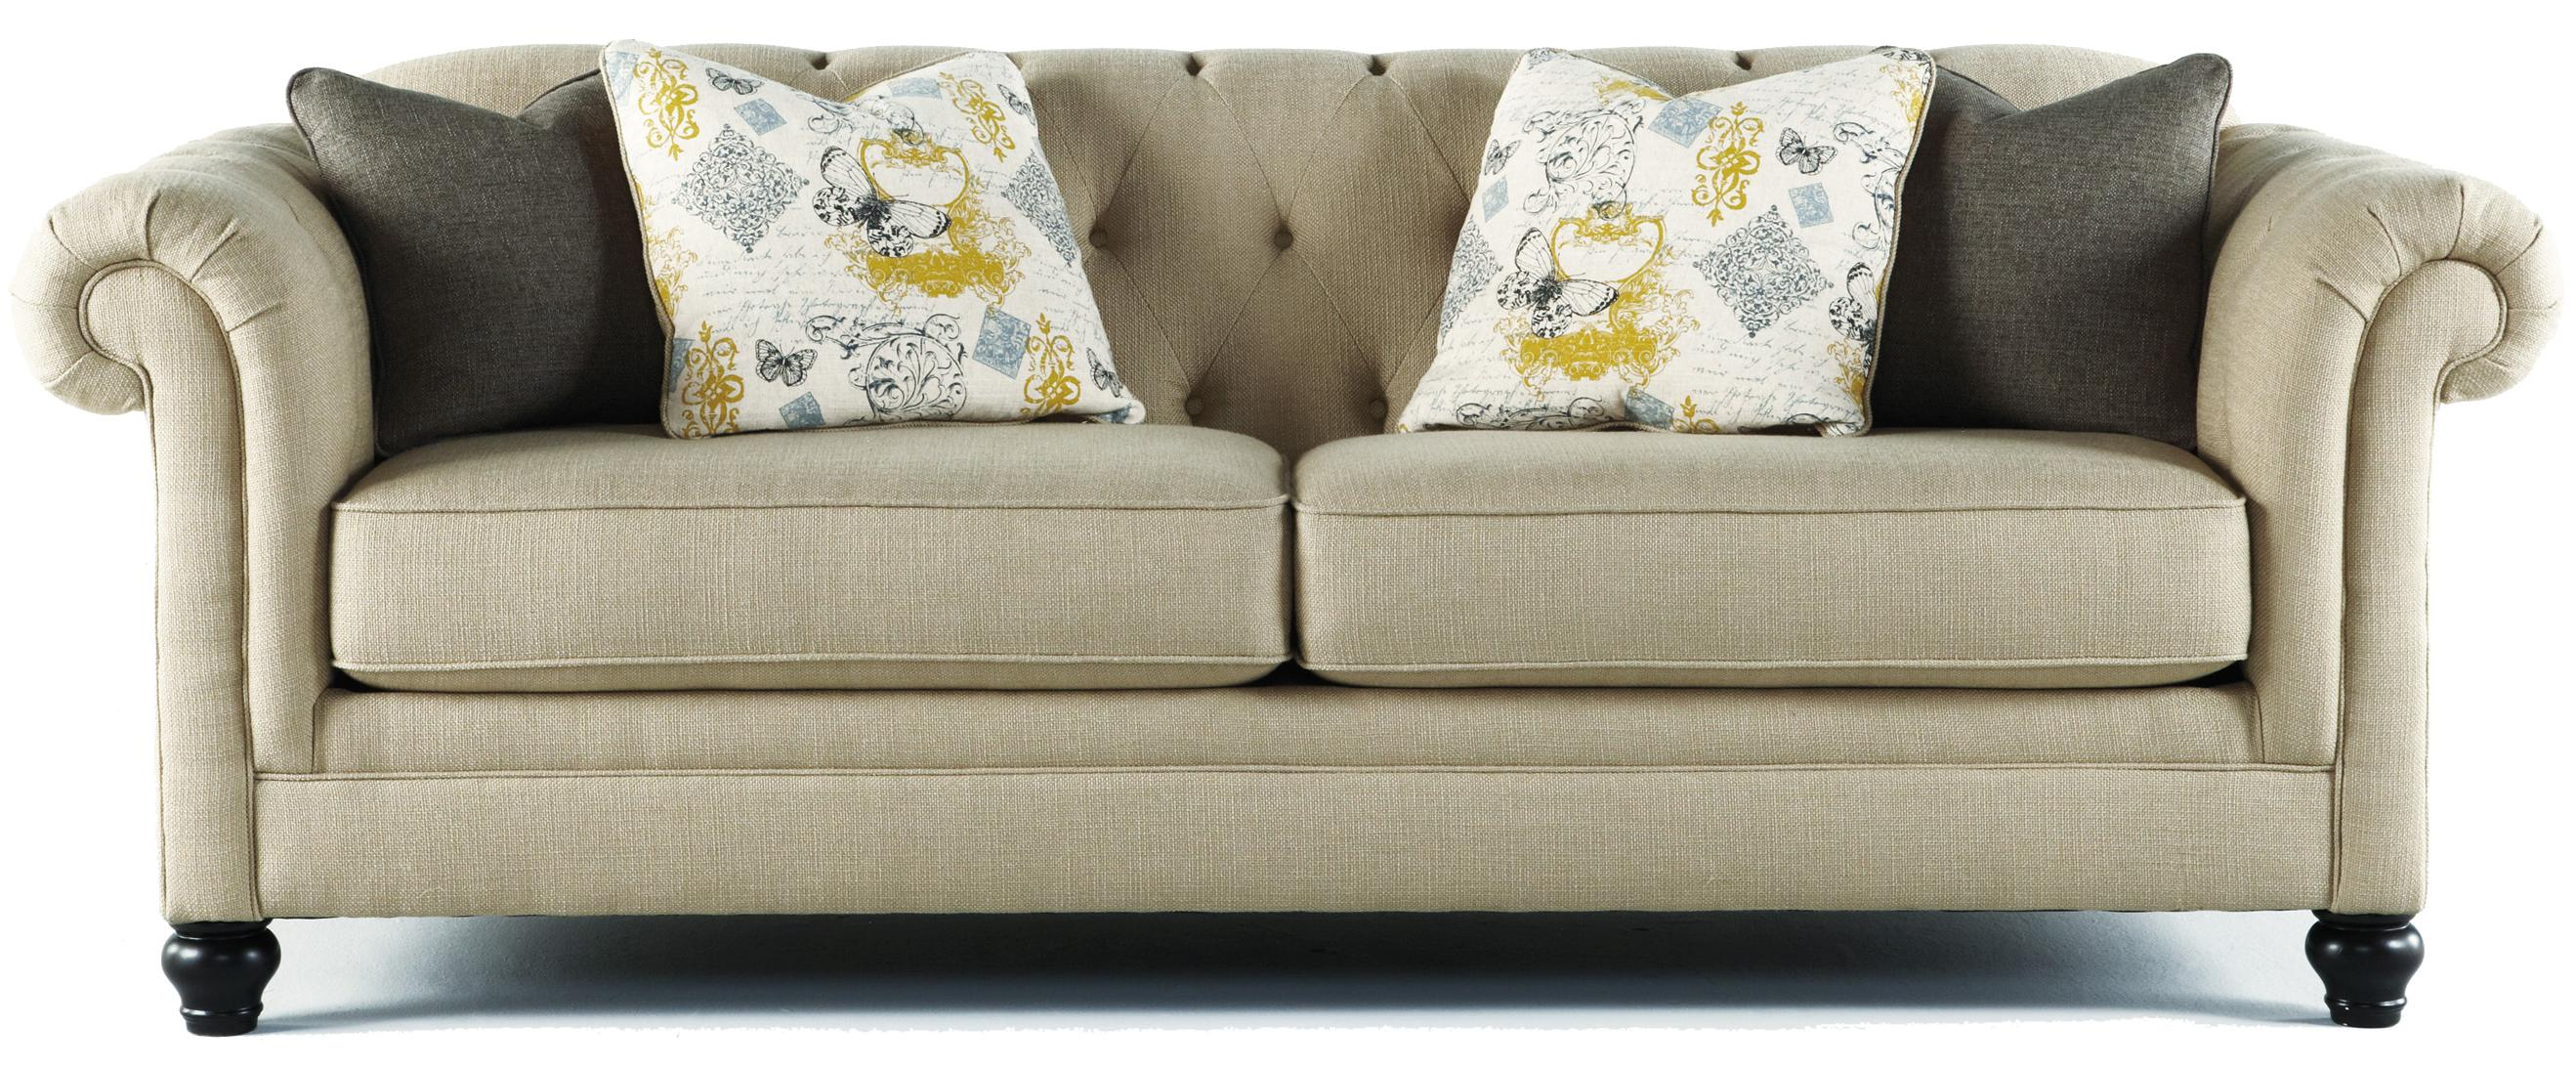 Ashley Furniture Hindell Park Sofa - Item Number: 1680438